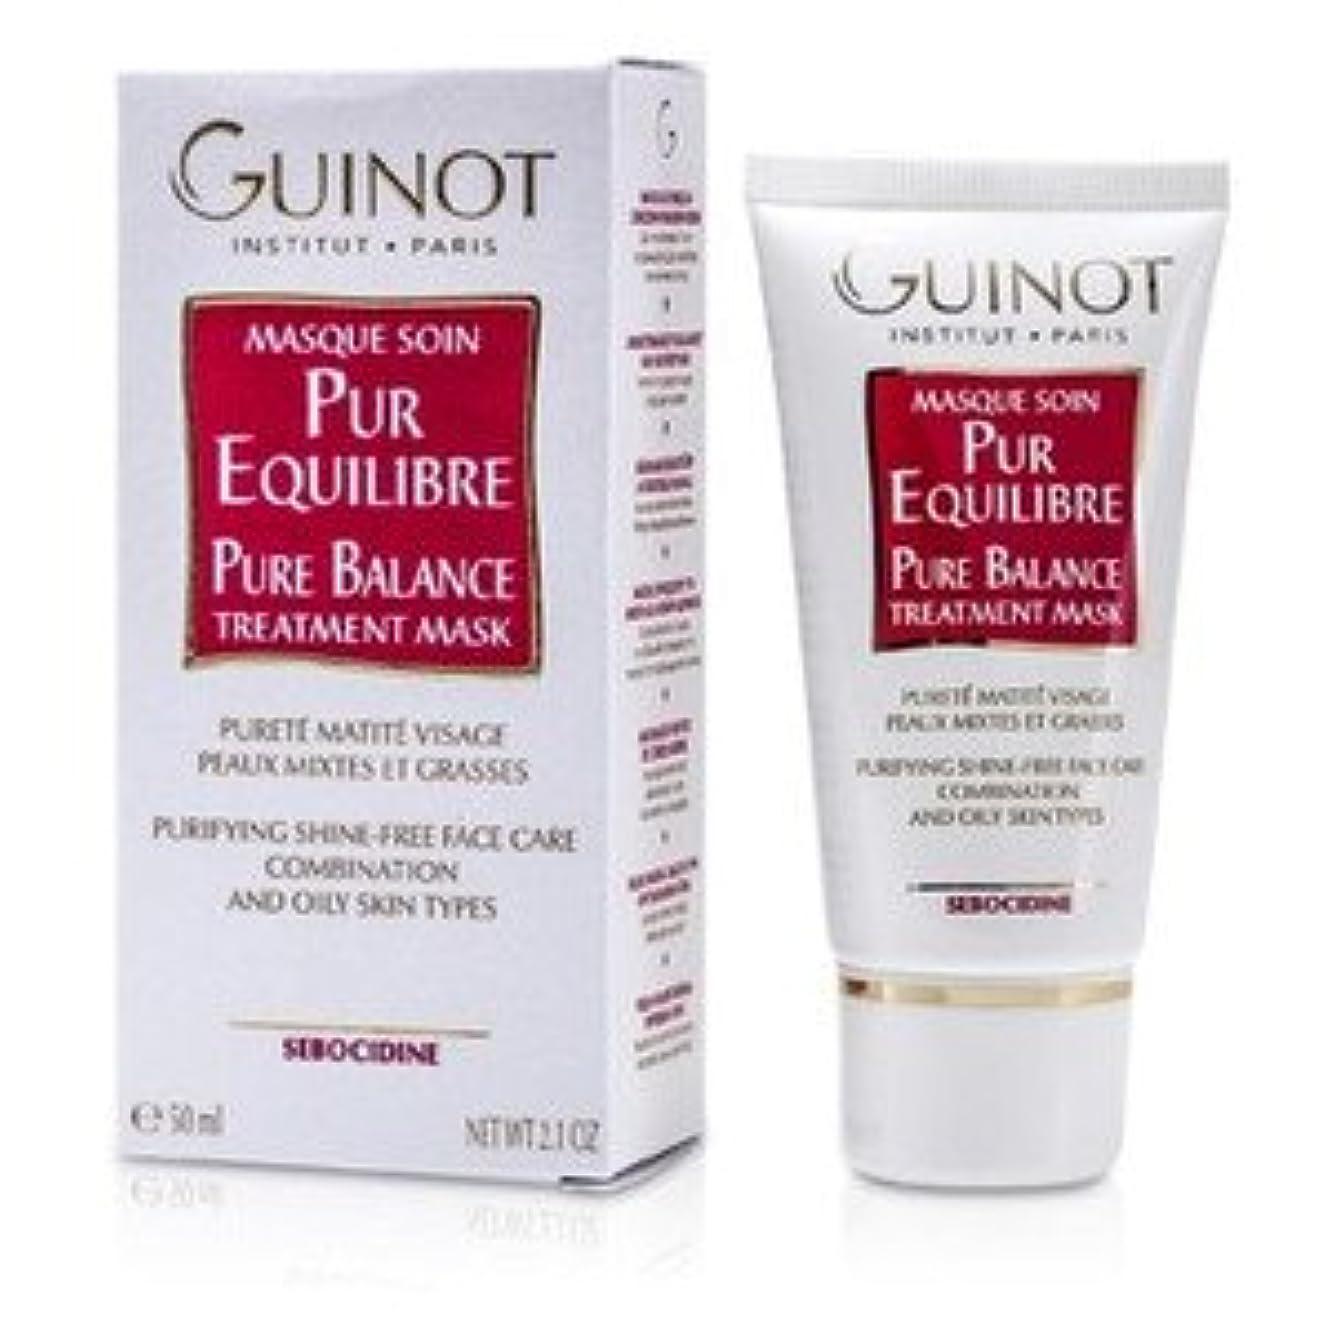 十分なただやる勇気のあるGuinot Pure Balance Mask for C/Oily Skin 50ml/1.7oz [並行輸入品]